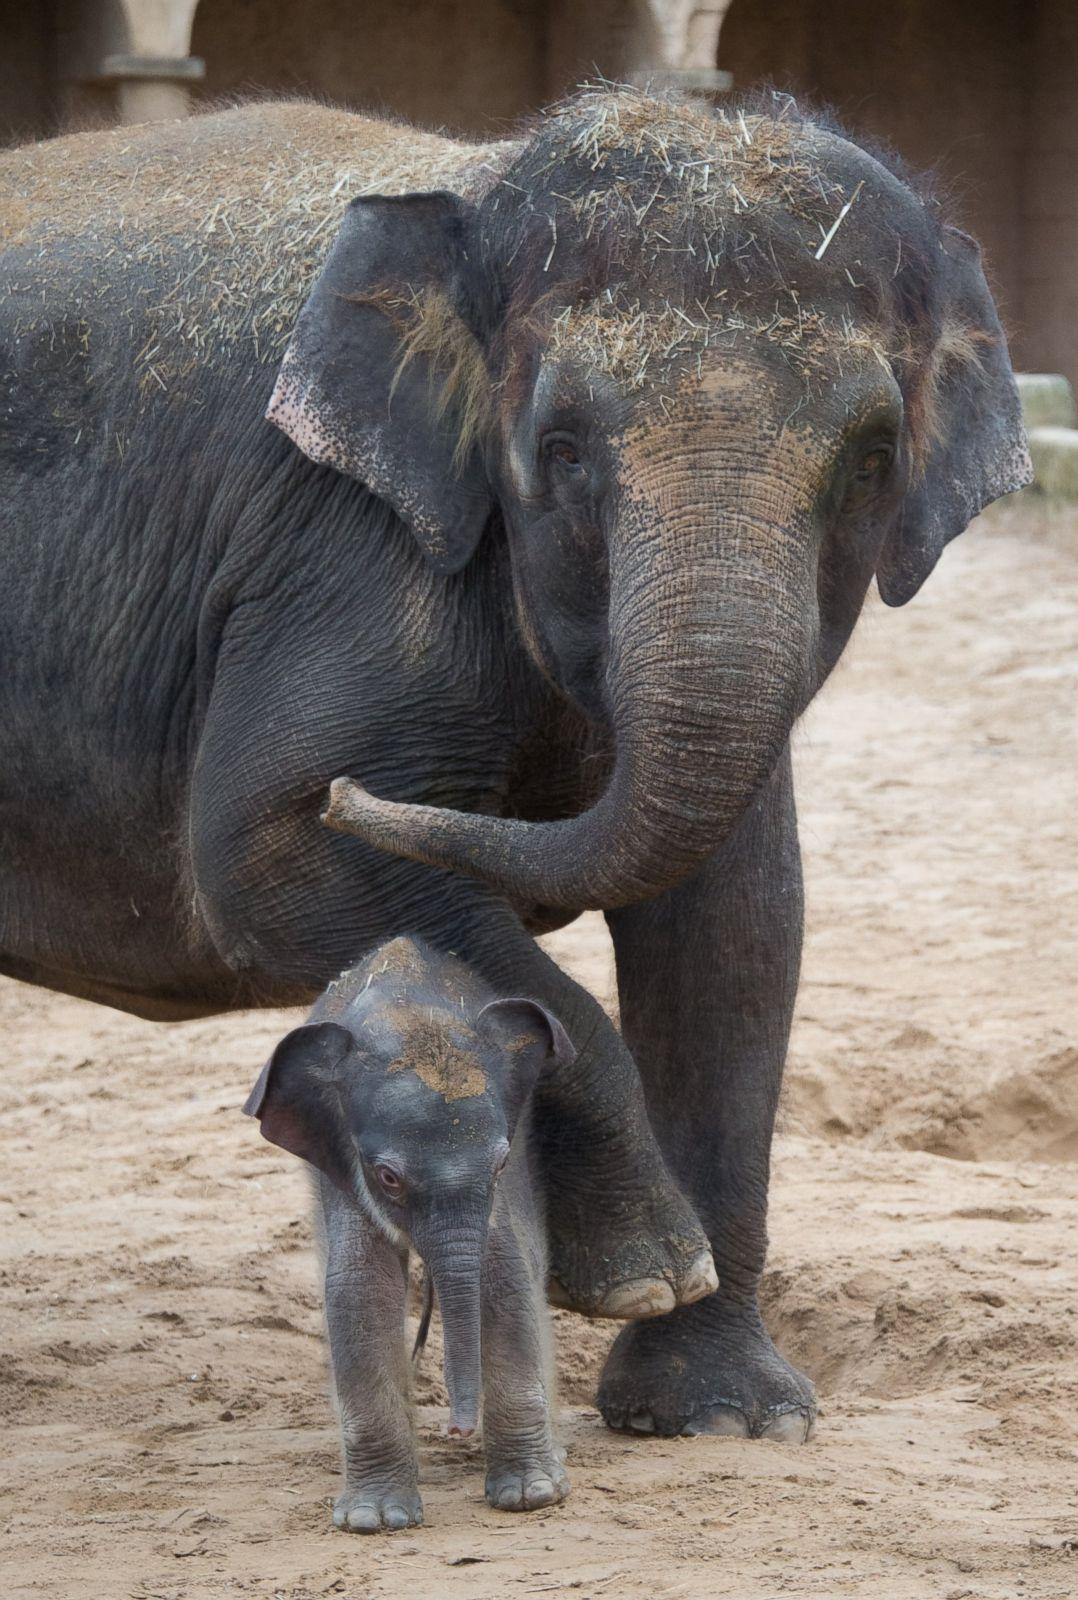 Baby animals photos baby animals ny daily news - Baby Animals Photos Baby Animals Ny Daily News 48